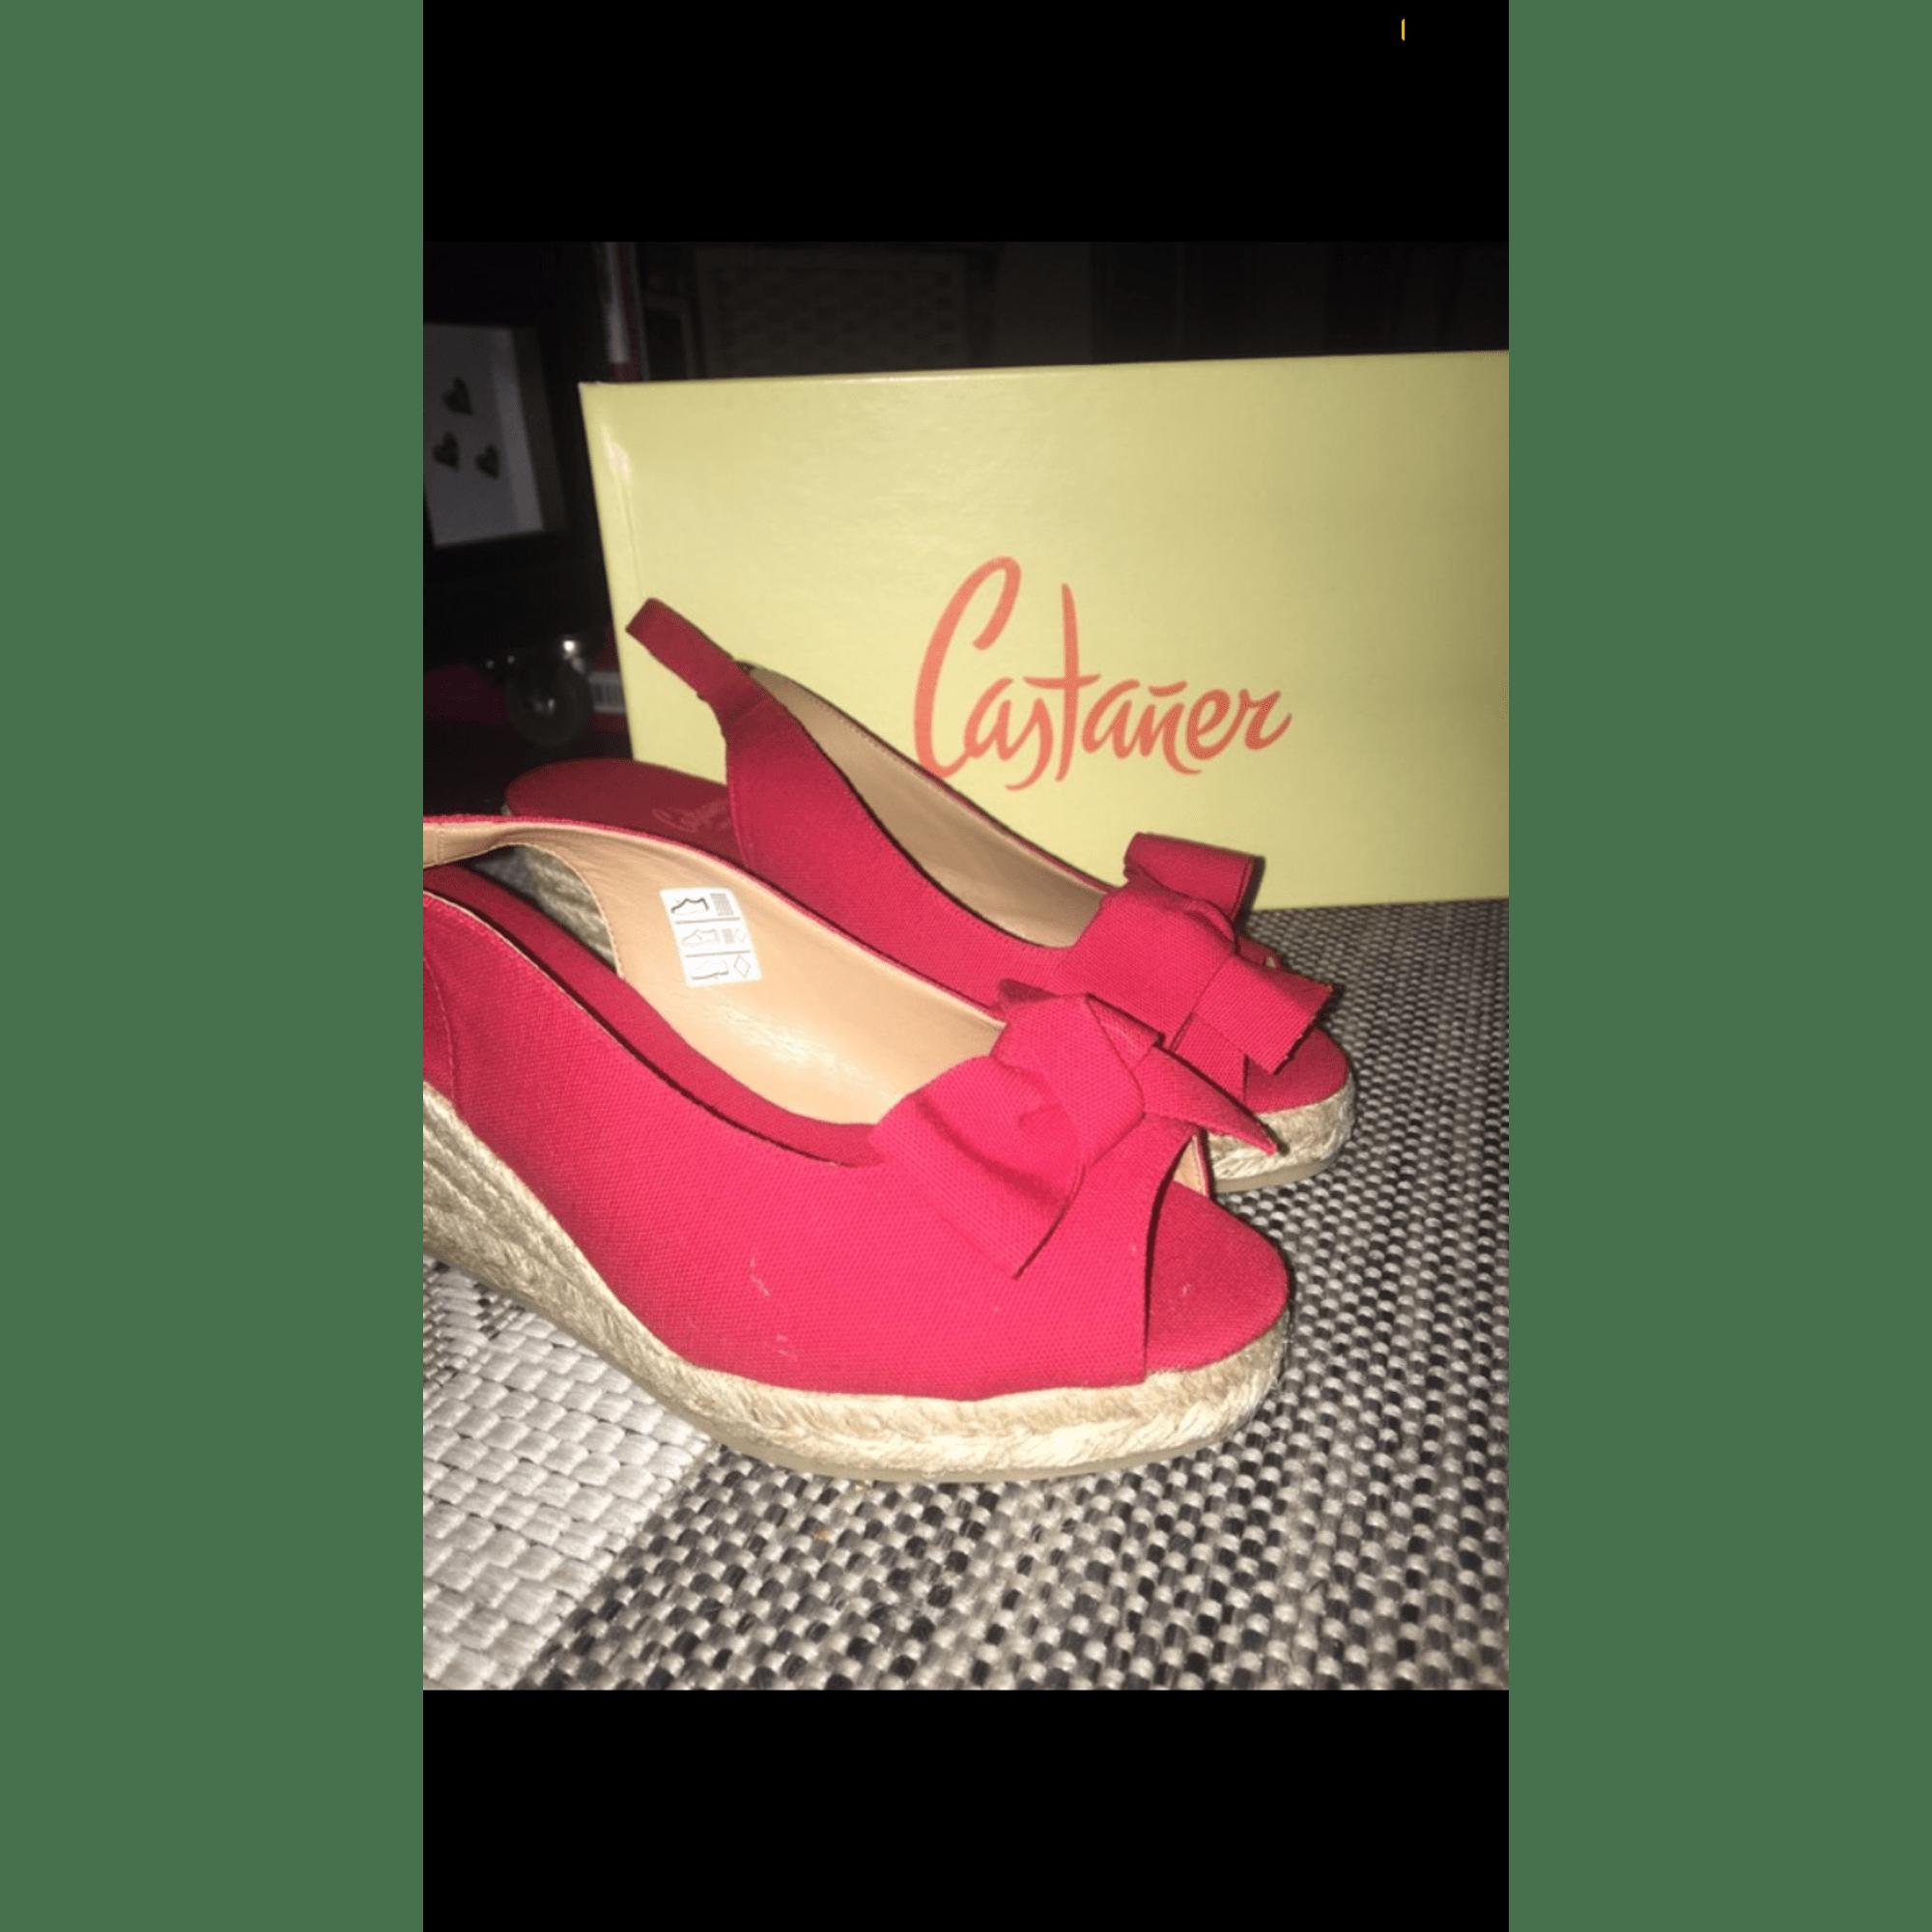 Sandales compensées CASTANER Rouge, bordeaux